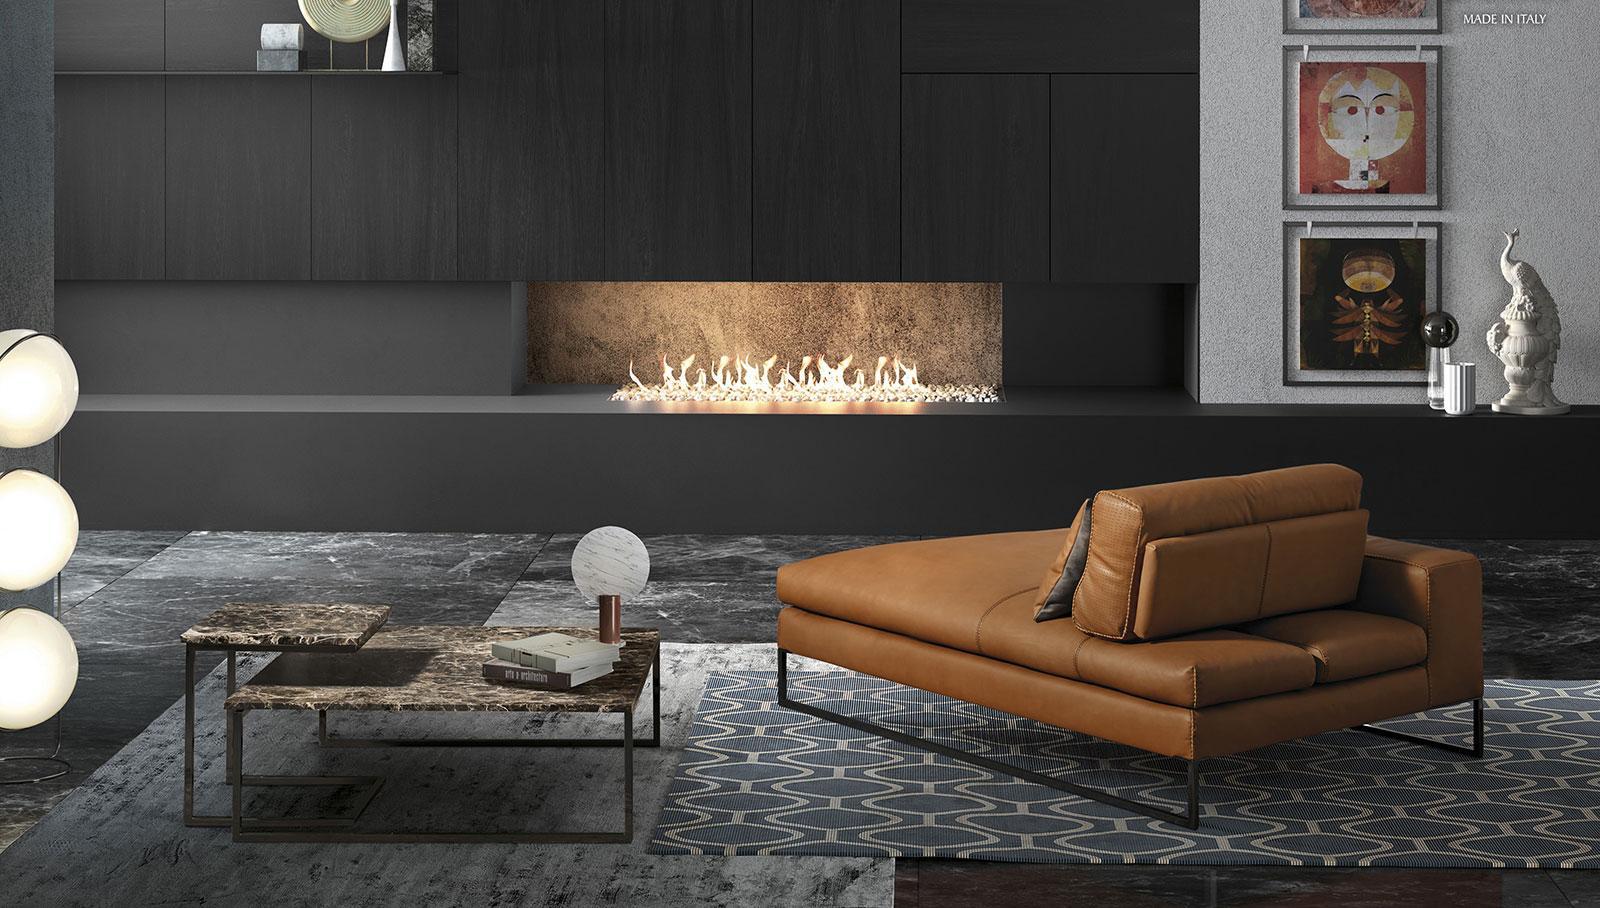 Taline divano 178 x 117 - Italy Dream Design